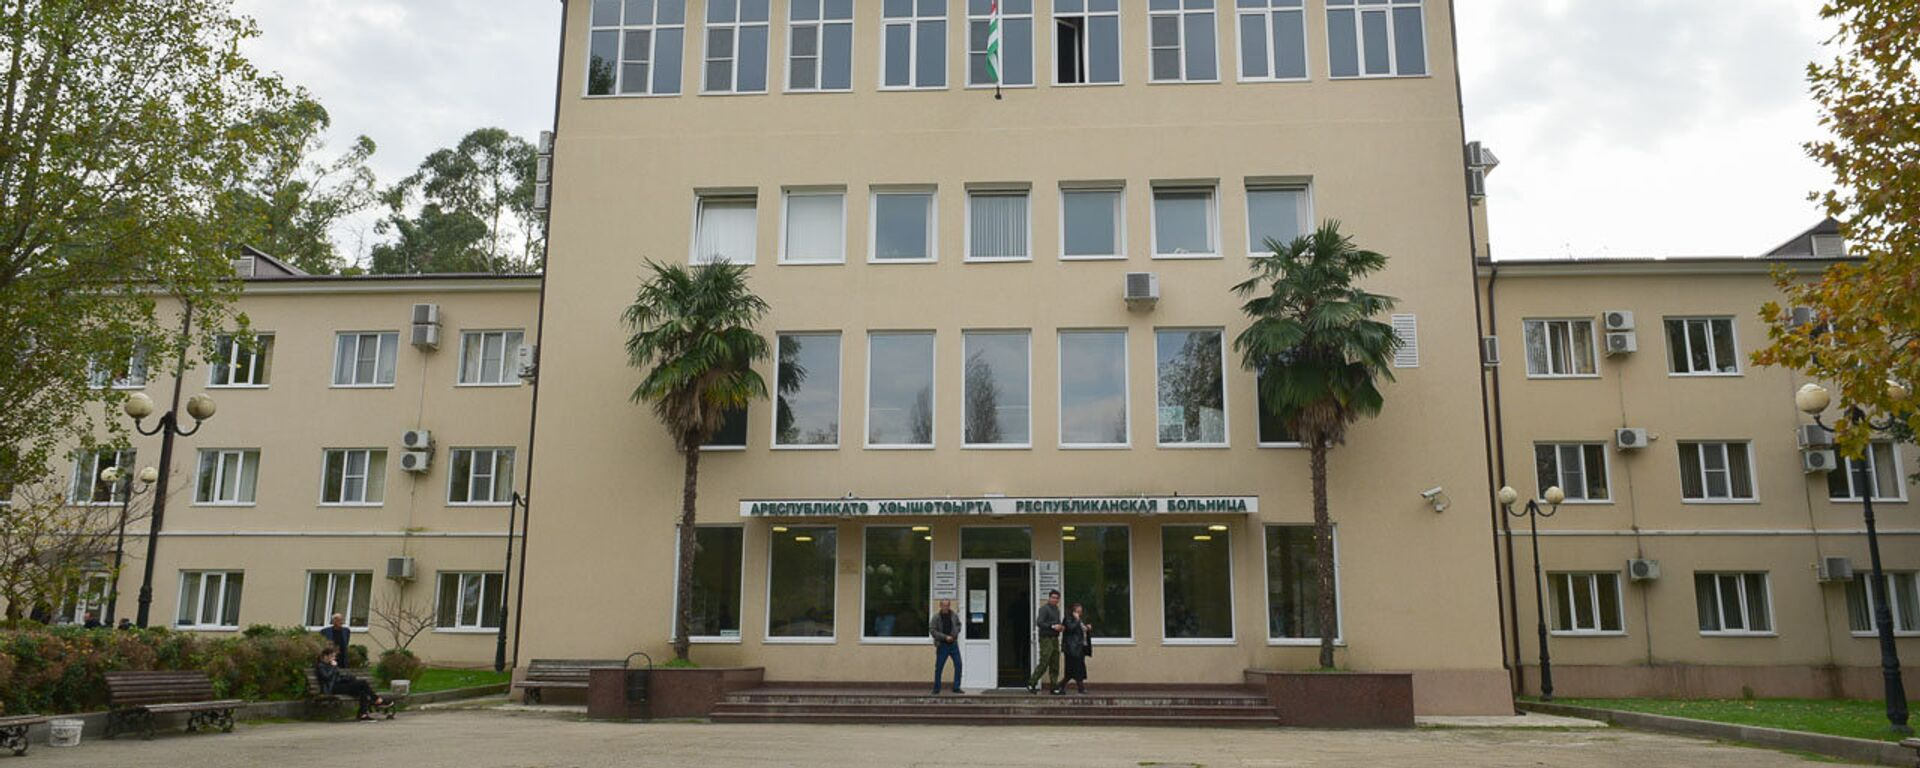 Республиканская больница - Sputnik Абхазия, 1920, 02.10.2021